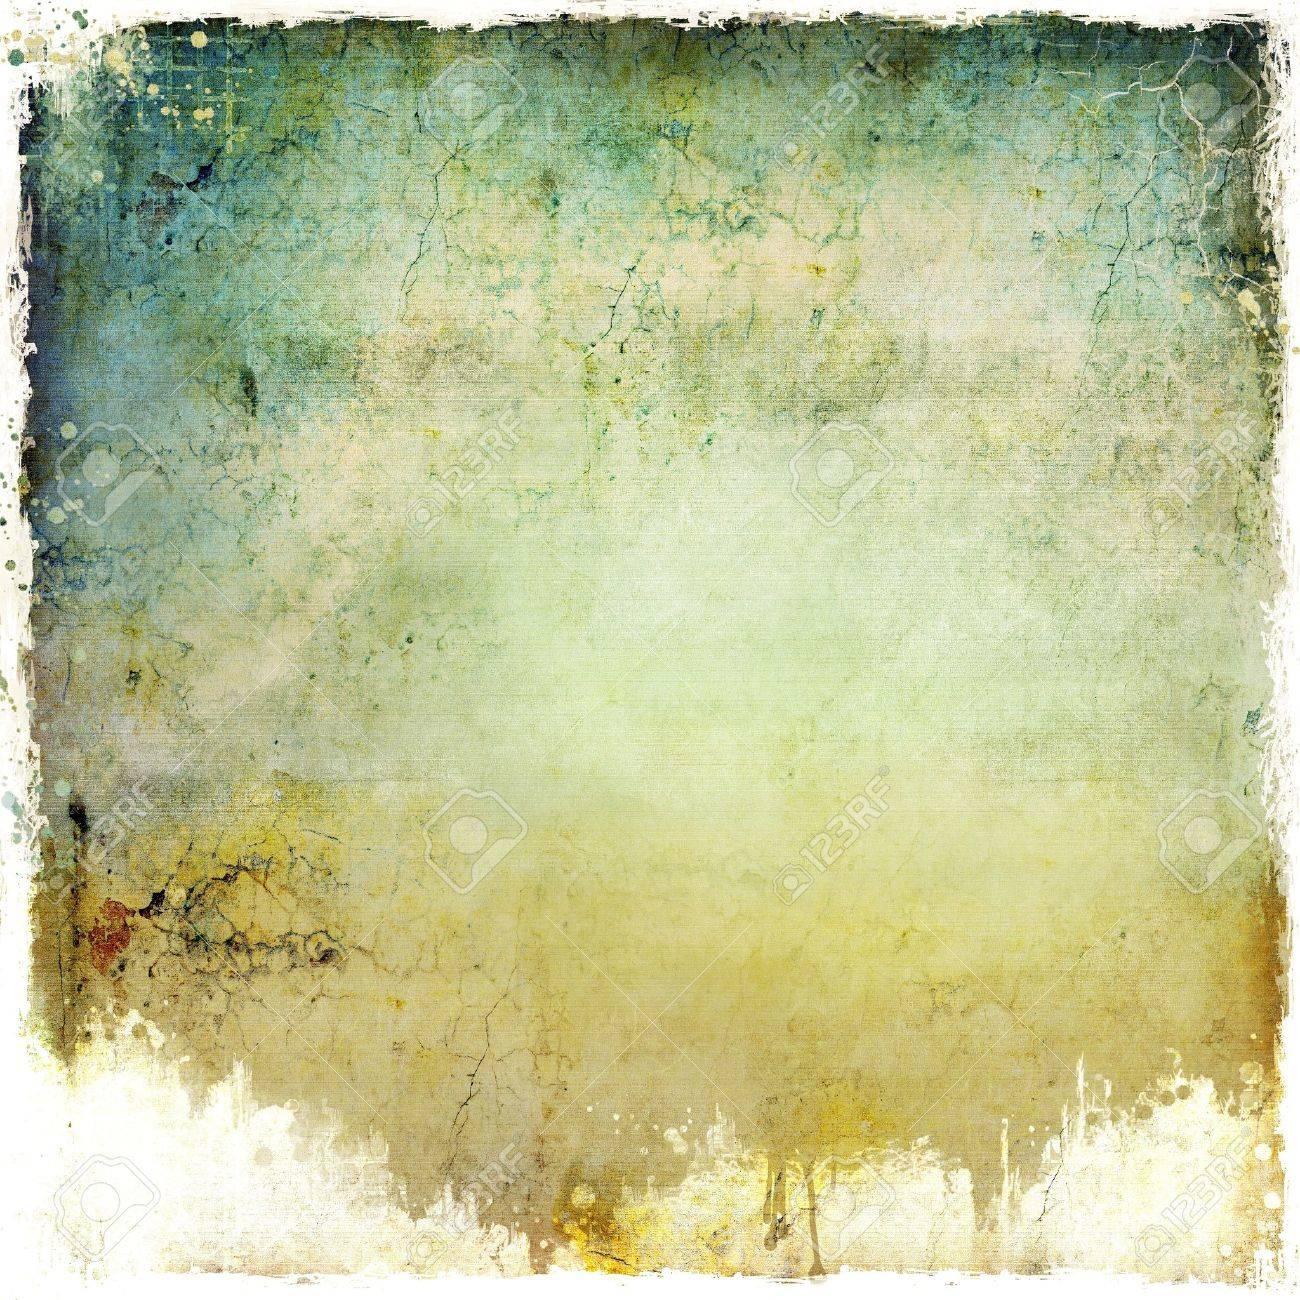 Grunge gocciolamento sfondo astratto Archivio Fotografico - 16251812